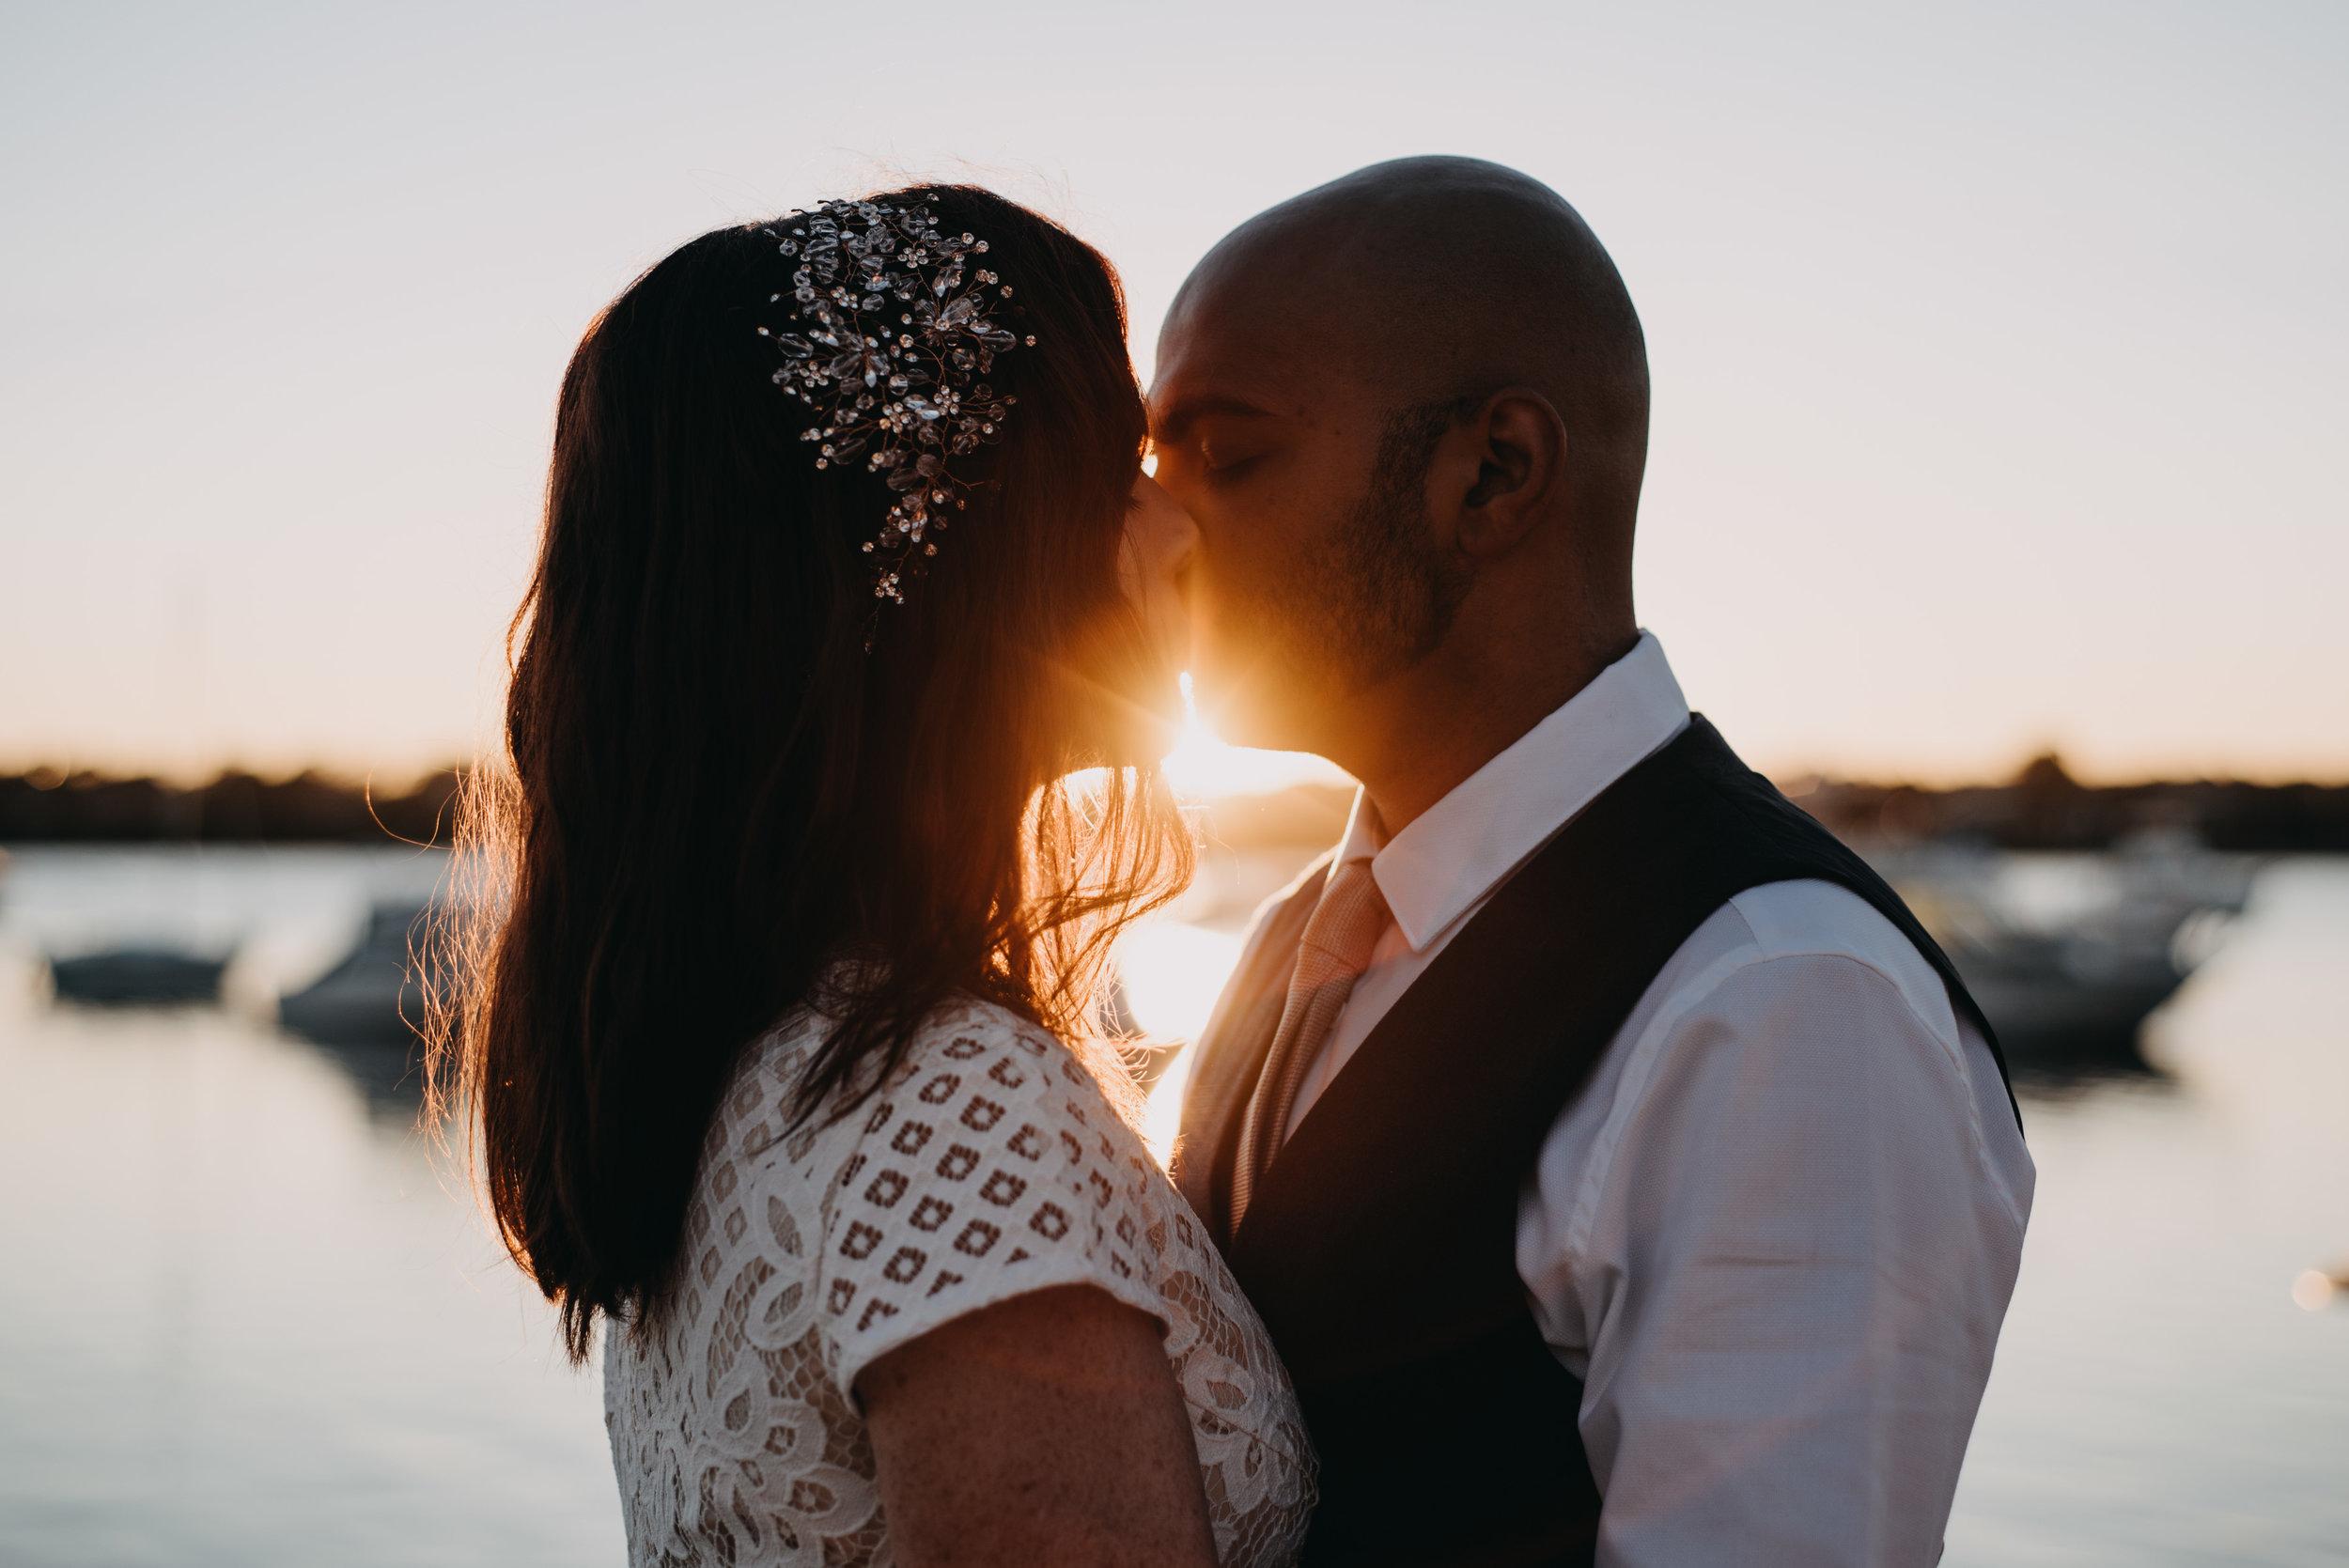 yvette-harsh-uts-haberfield-oliversmithphoto-sydney-wedding-photographer-47.jpg